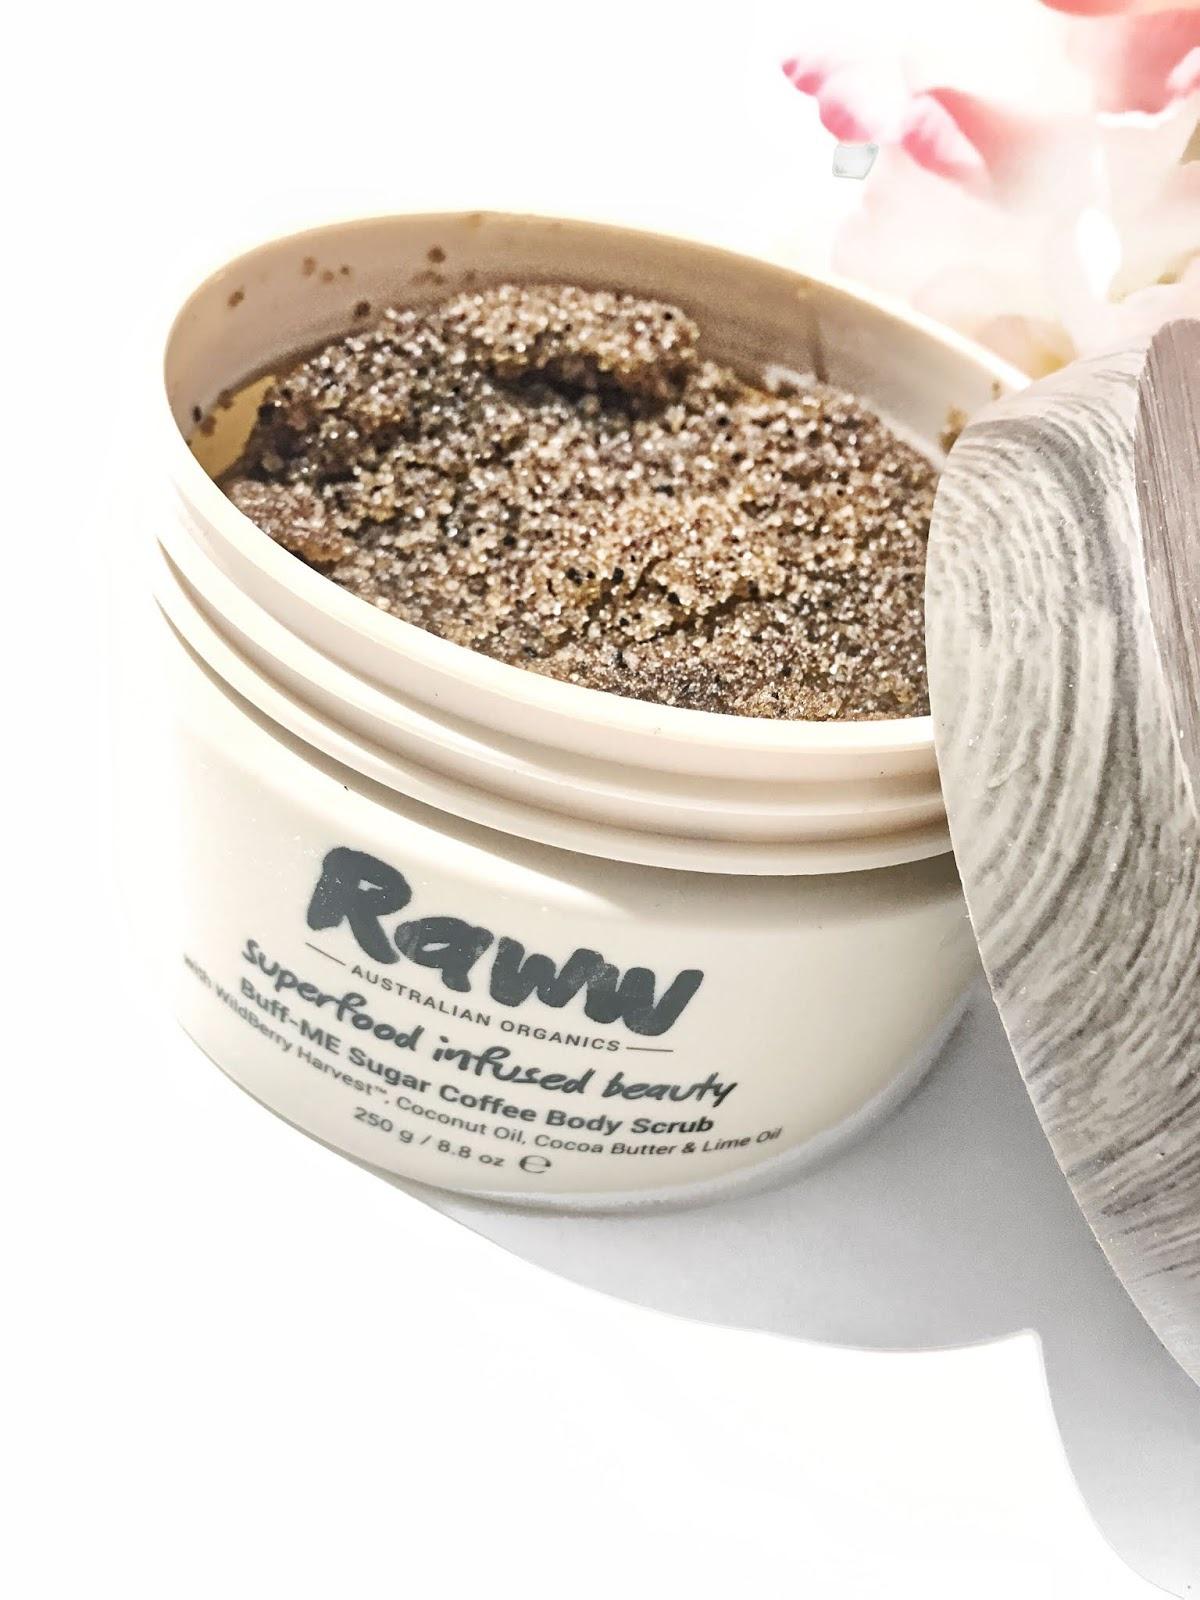 Raww Buff-Me Sugar Coffee Body Scrub